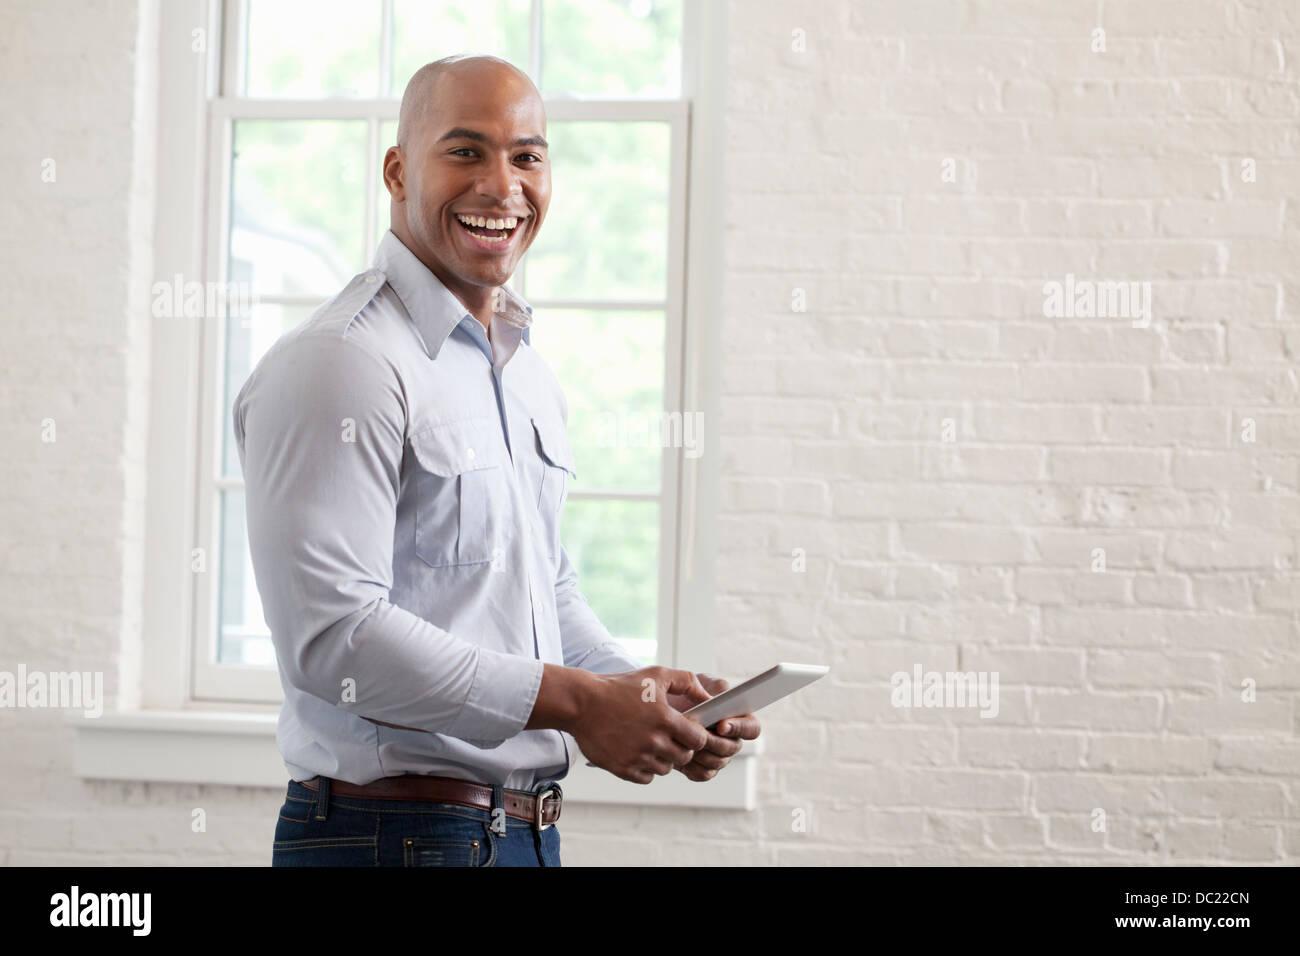 A mediados adulto trabajador de oficina digital holding tablet y sonriente, Retrato Imagen De Stock